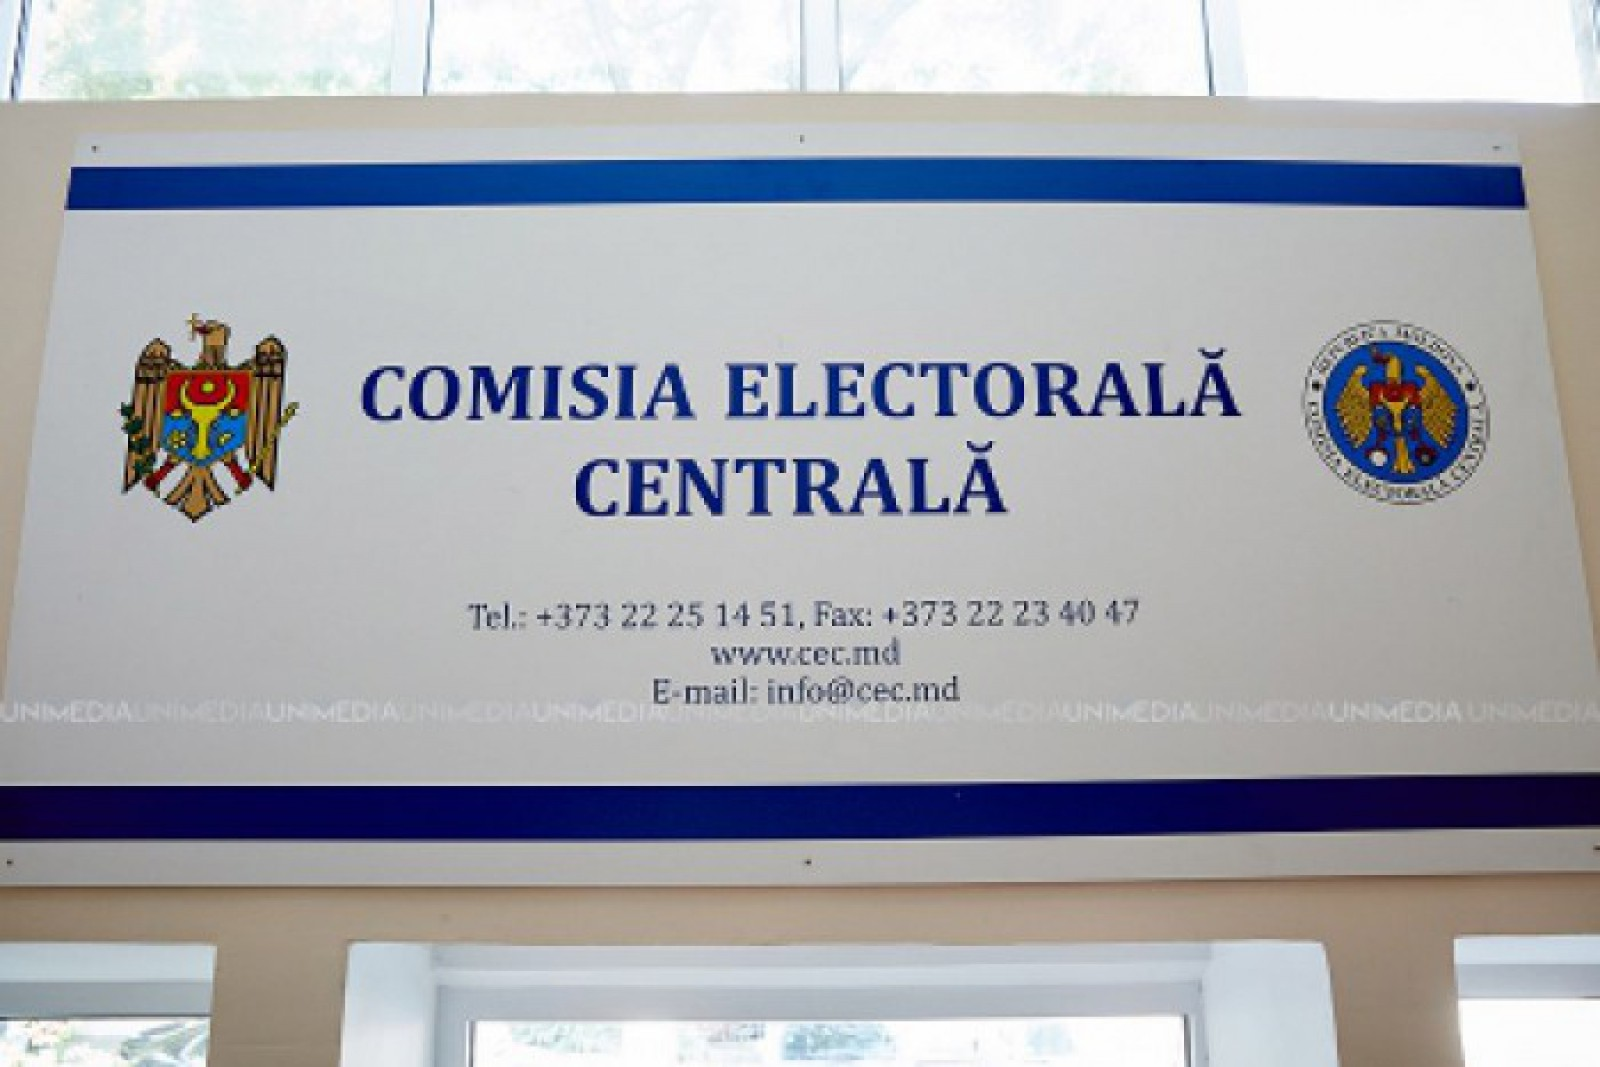 CEC a constituit circumscripțiile electorale pentru desfășurarea alegerilor locale noi din 20 mai